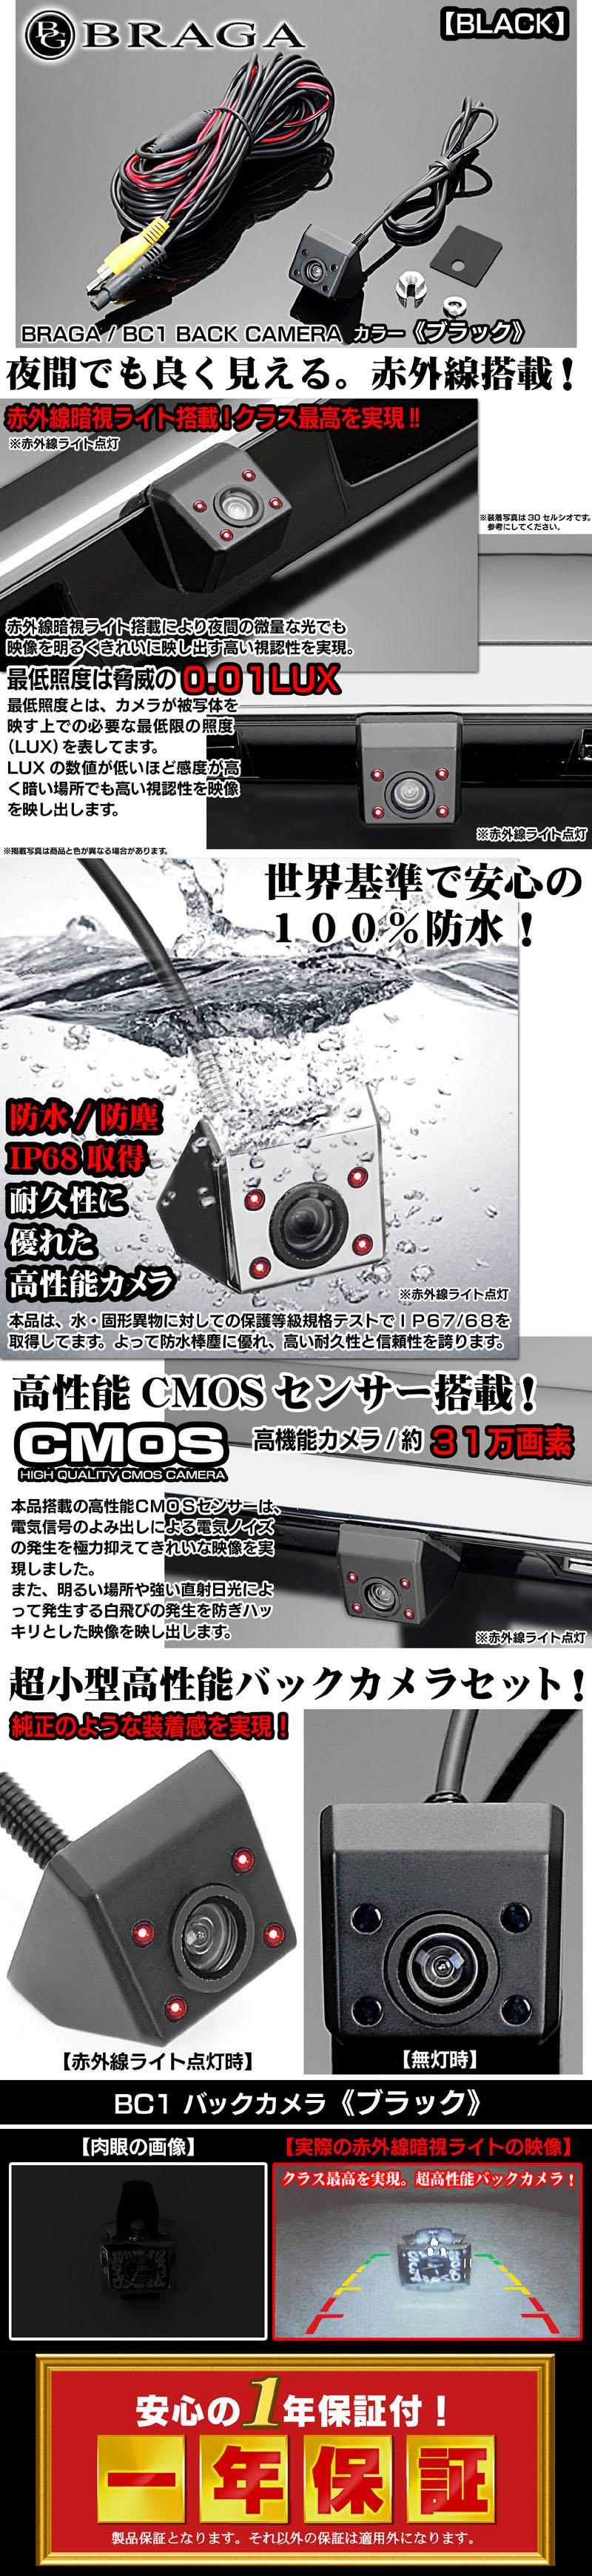 【赤外線暗視ライト搭載】BC1バックカメラ《ブラック》CMOS広角170°防水防塵/12V専用